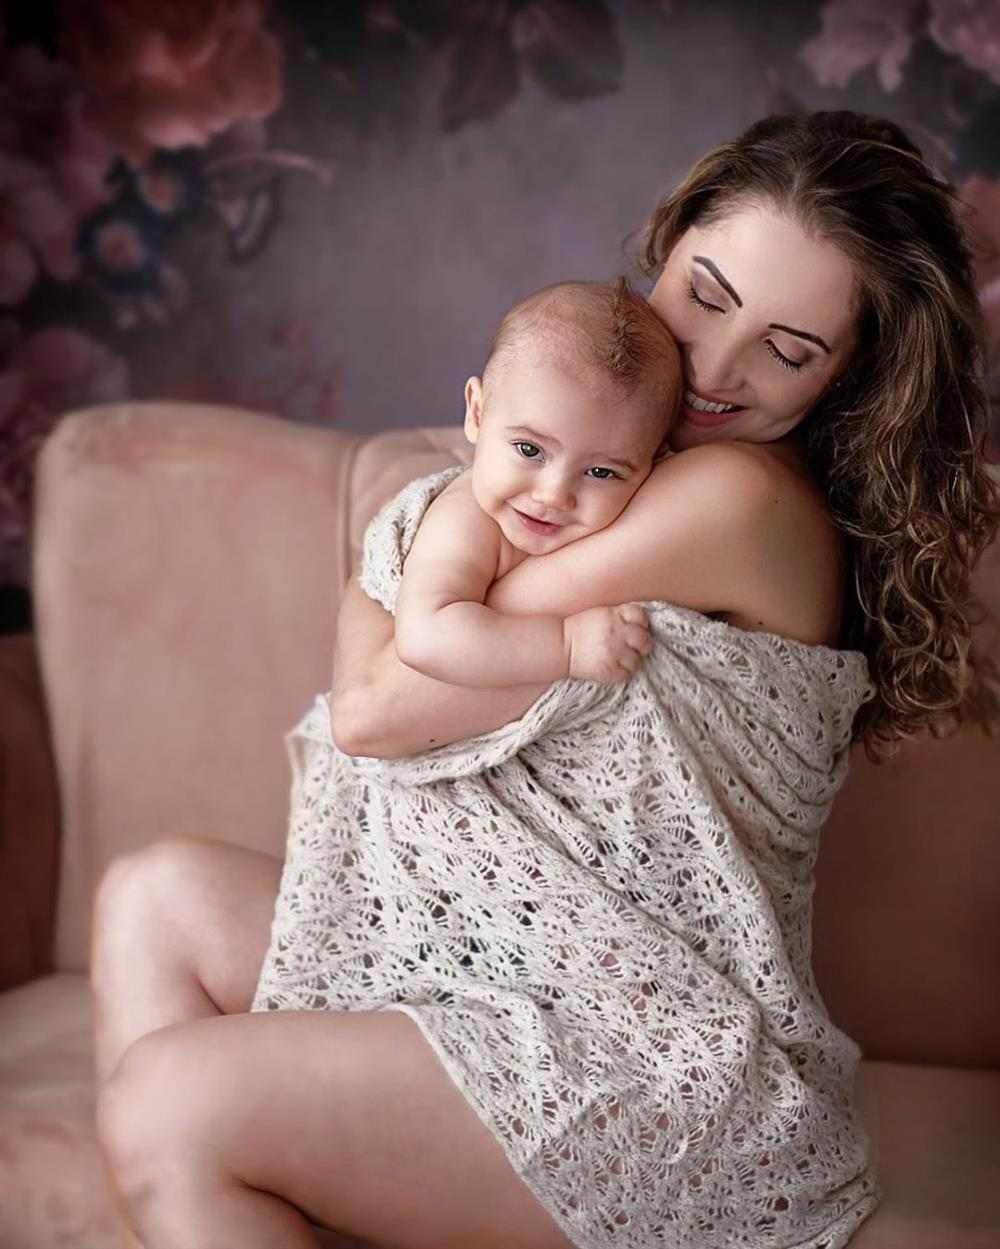 mae abraçada com o bebe